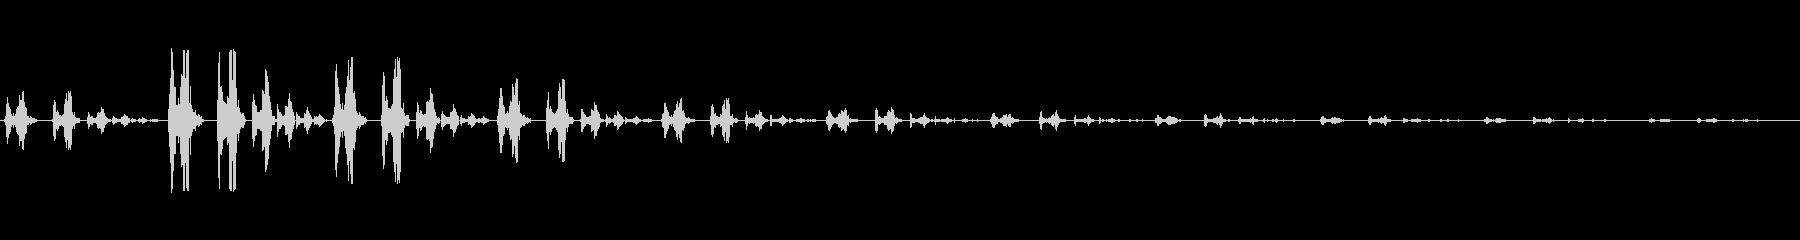 ポワワッポワワッ (浮遊感)の未再生の波形